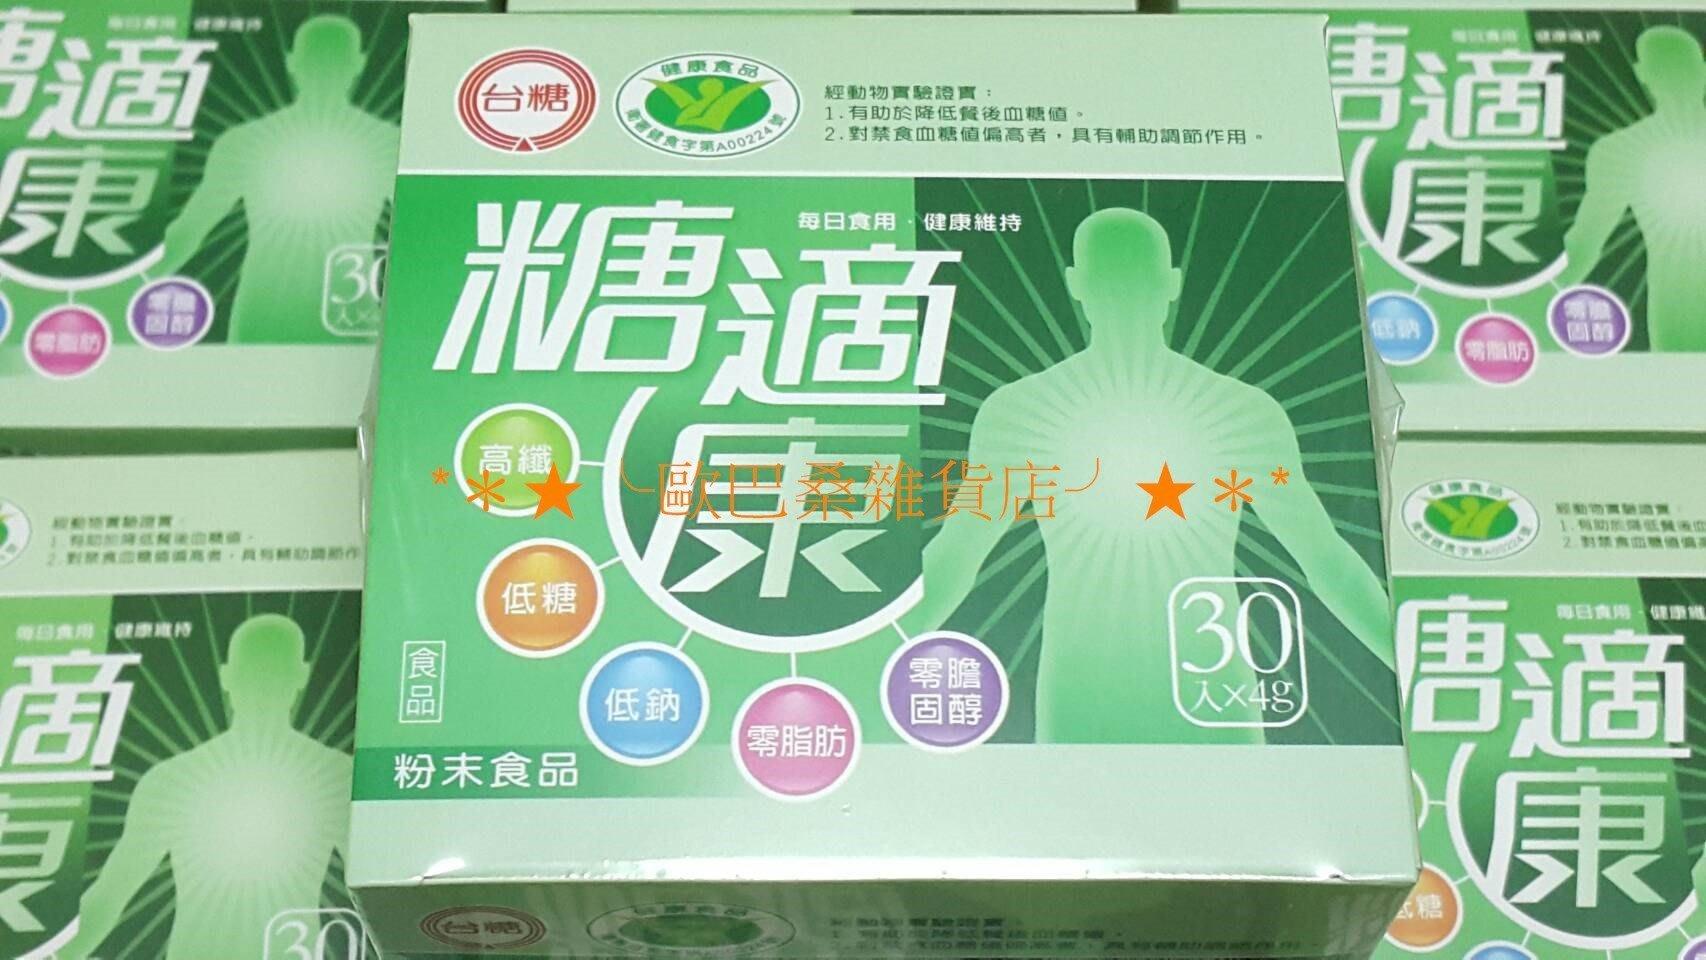 ╰歐巴桑雜貨店╯台糖糖適康(30包/盒)x4盒 特價3080元免運 限量代購特價請把握機會!